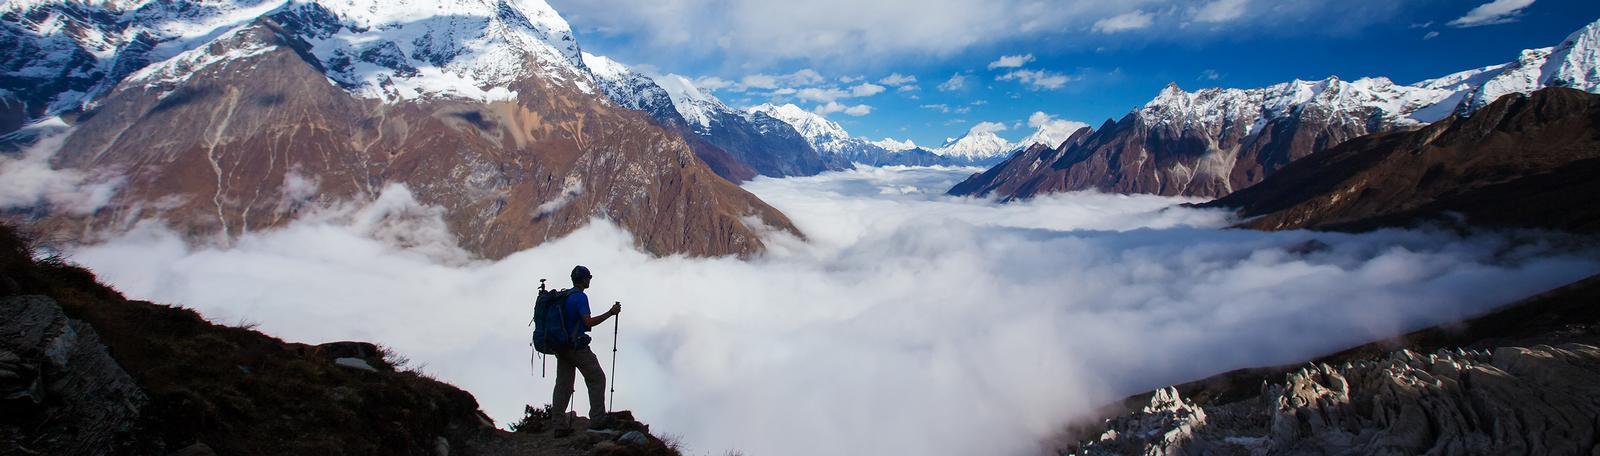 Panorama von einer Berglandschaft, die von einem Bergsteiger genossen wird